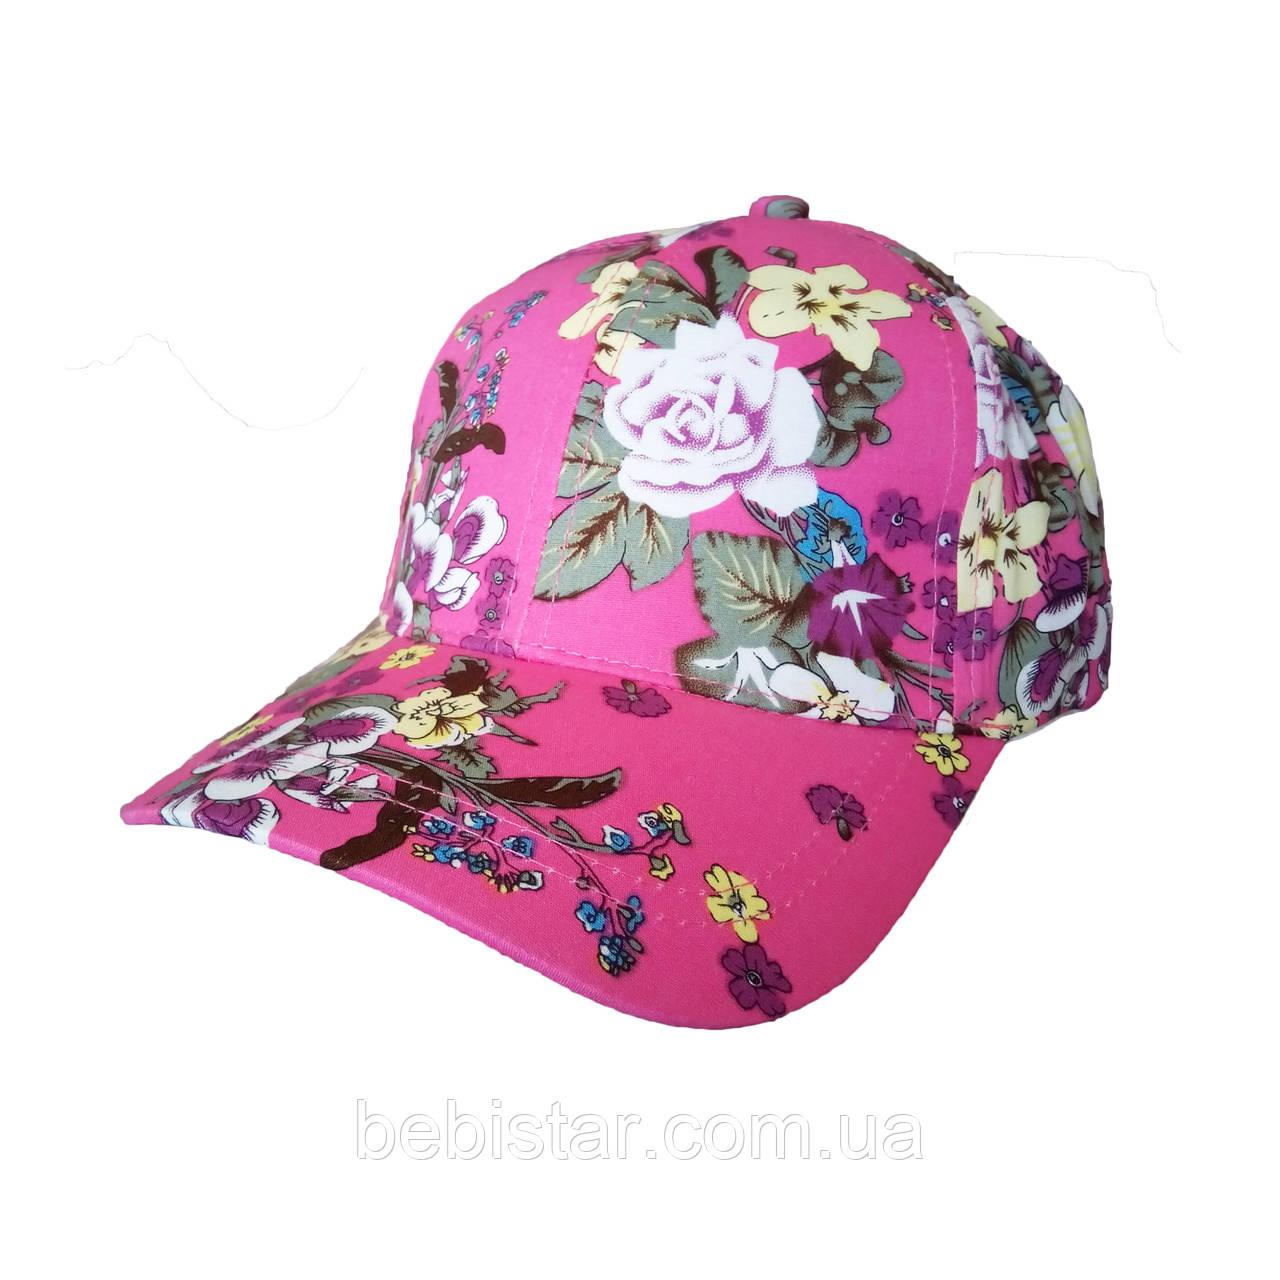 Кепка бейсболка с цветочным орнаментом красная для девочки